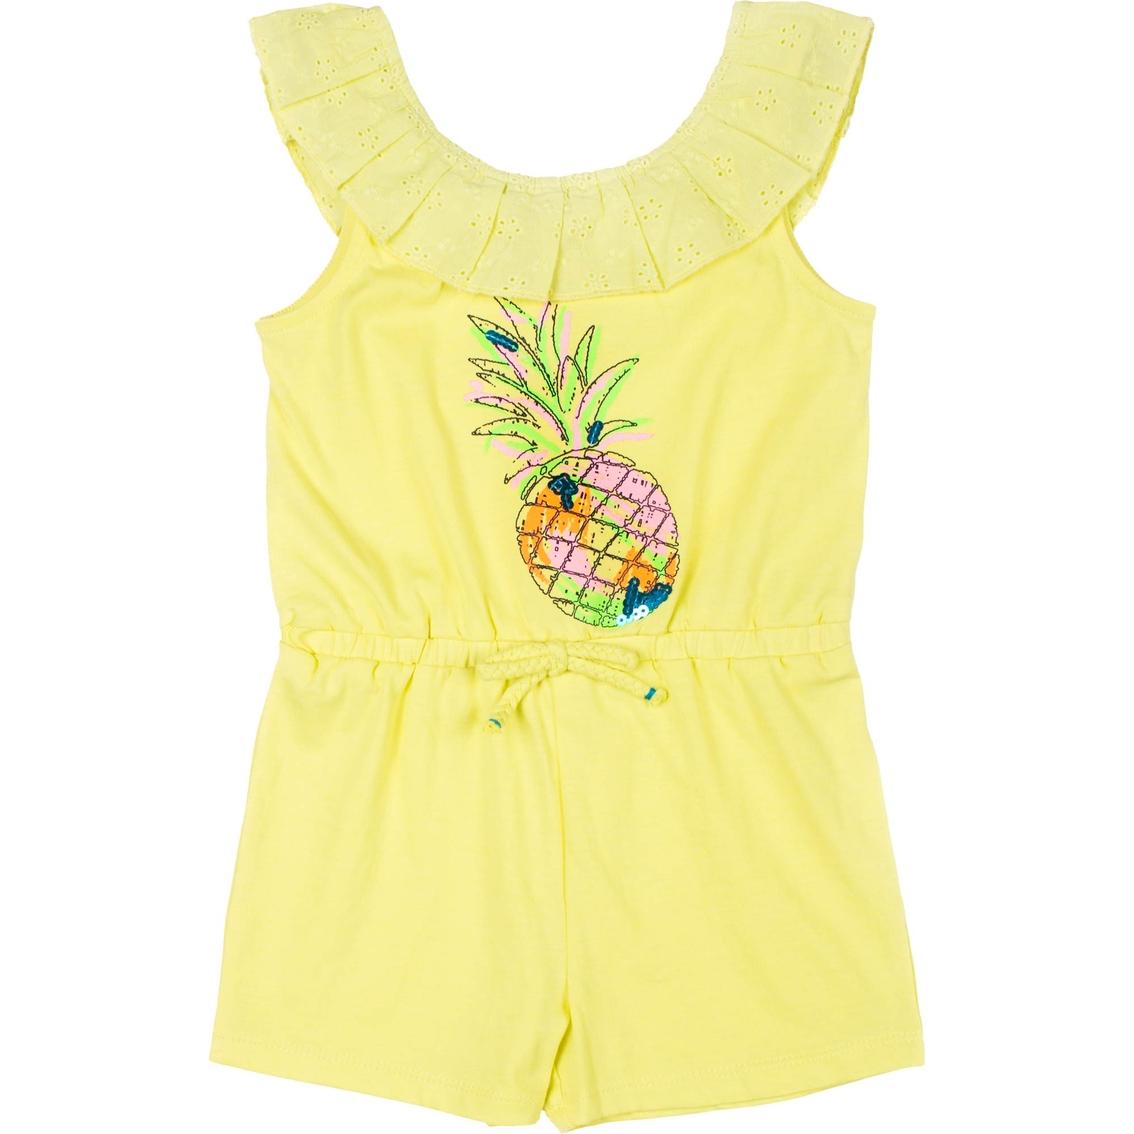 1a6b67bf7cc3 Little Lass Little Girls Pineapple Romper